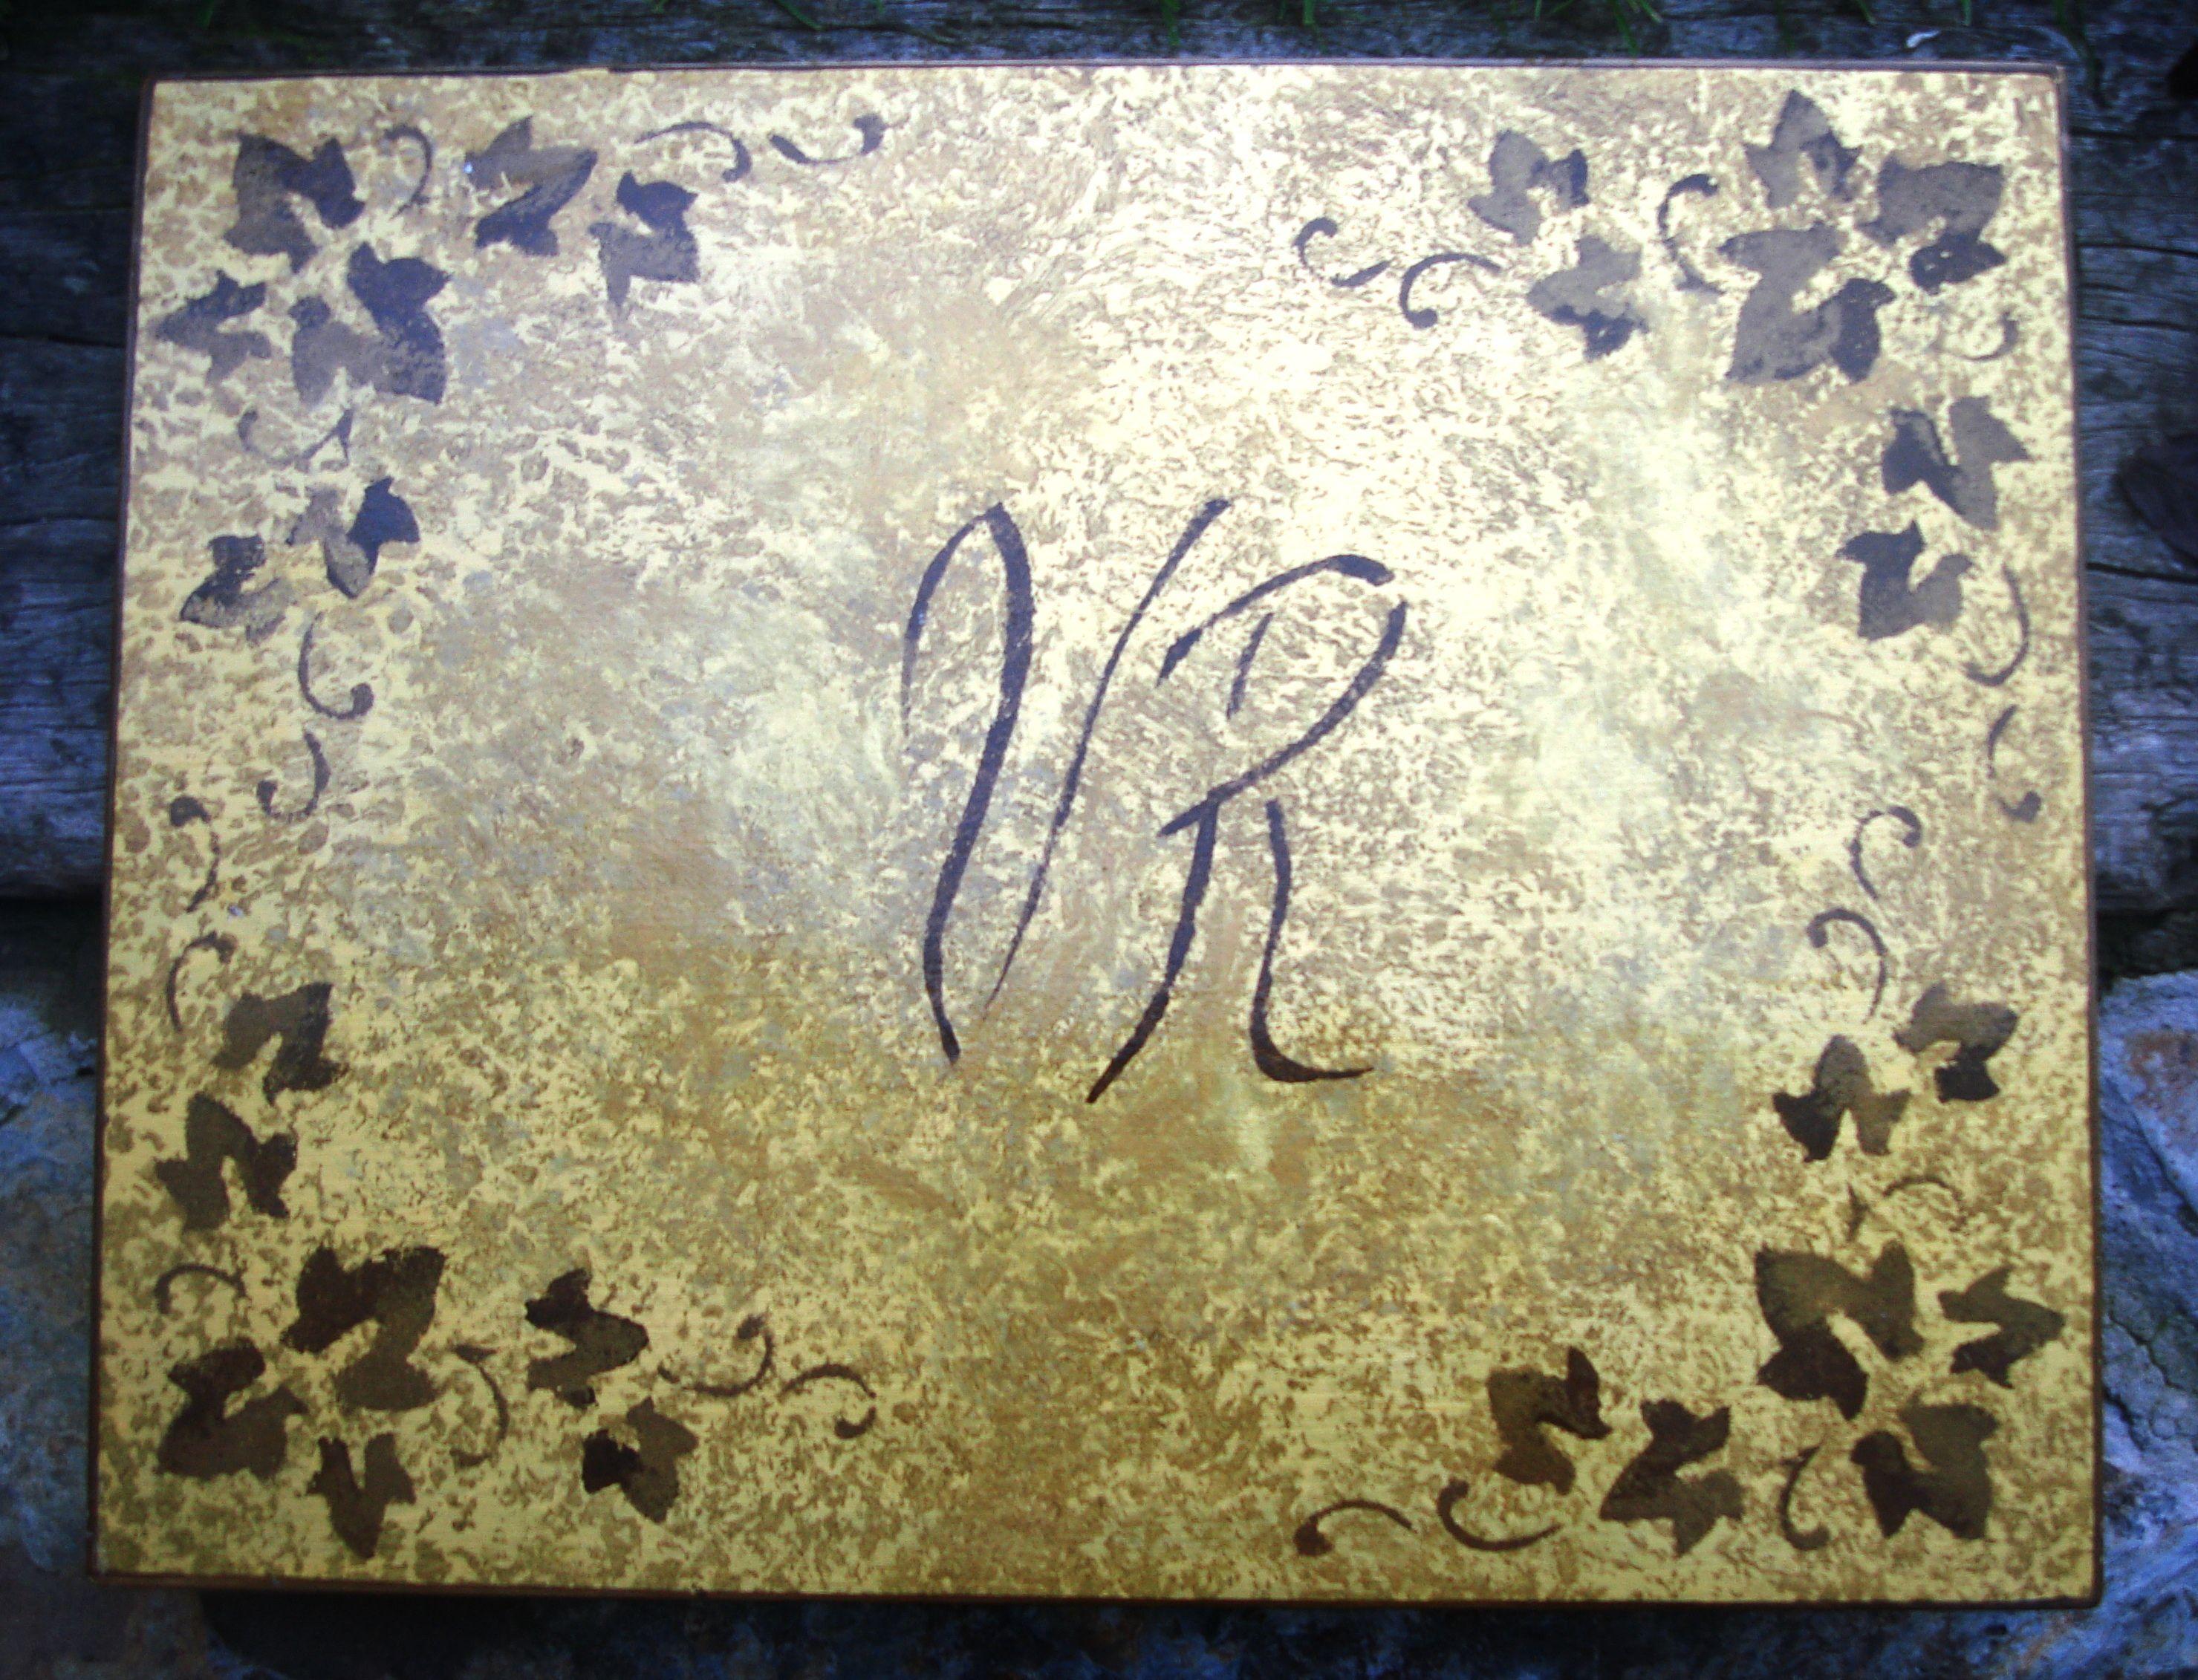 bajos platos con iniciales y detalles florales.terminacion brillante y protegido por debajo con  terciopelo negro adhesivo.